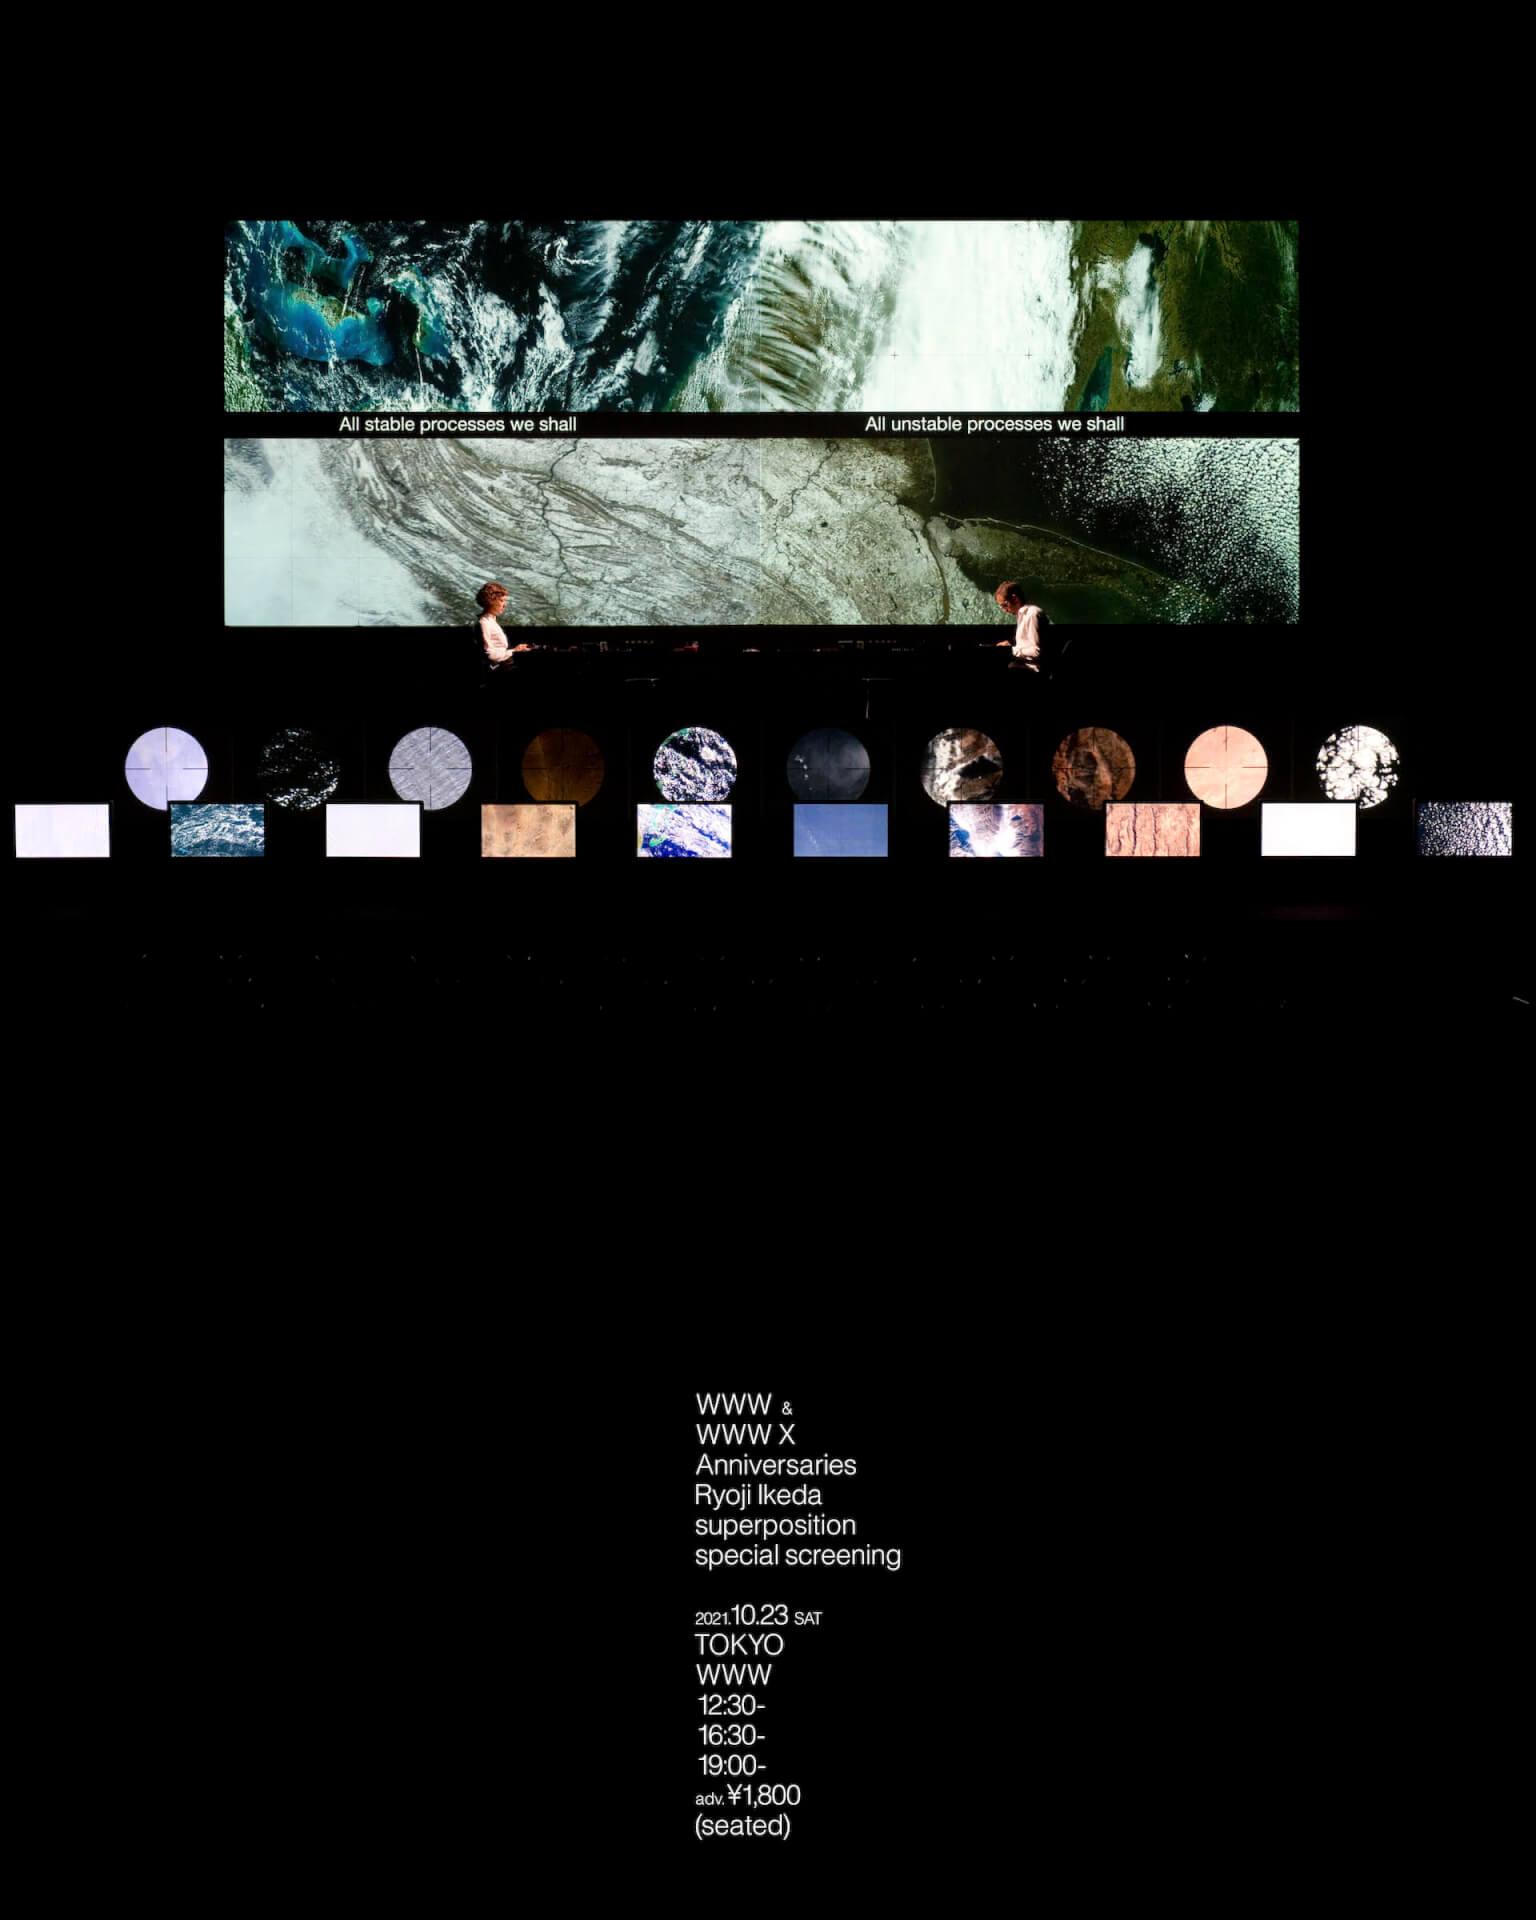 池田亮司のプロジェクト「superposition」のサントラCDとブックレットが999部限定リリース決定!発売記念公演もWWWで開催 music210922_ryojiikeda_1